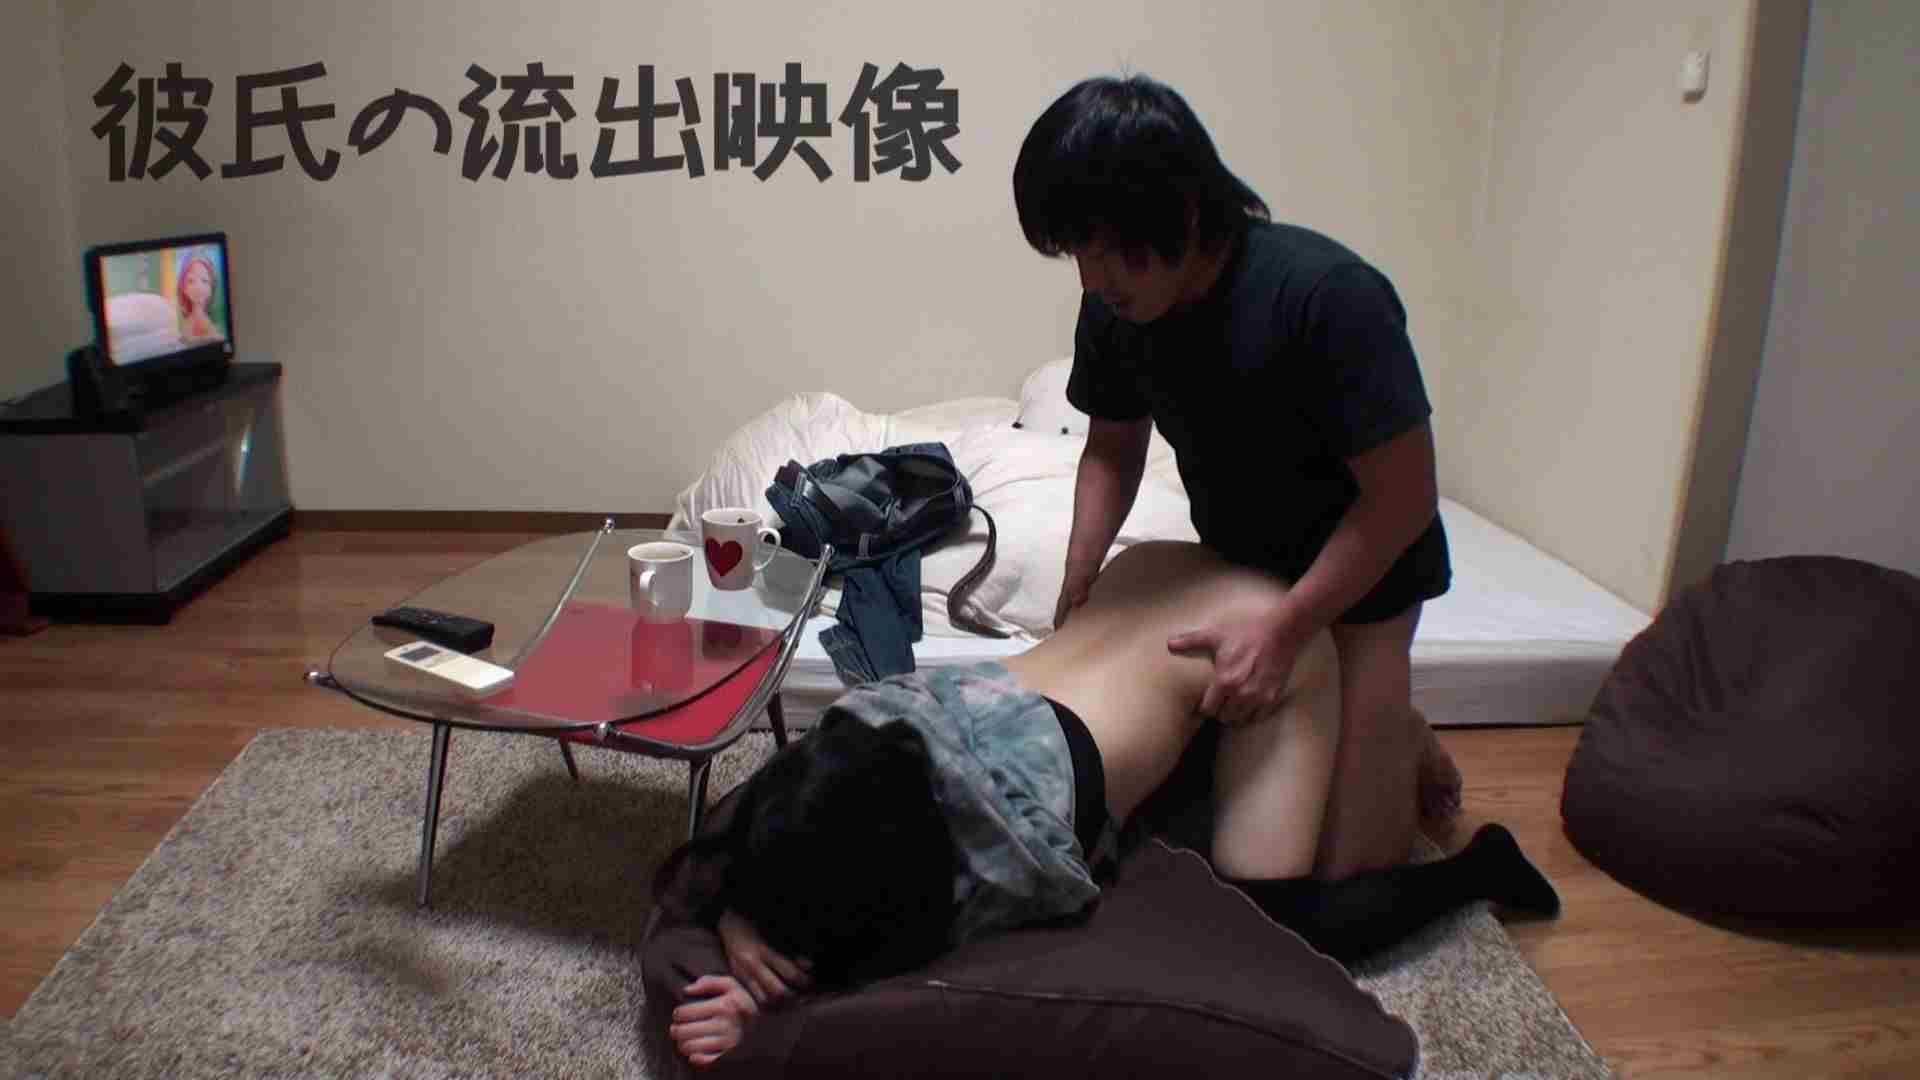 彼氏が流出 パイパン素人嬢のハメ撮り映像02 カップルのセックス  73PIX 72